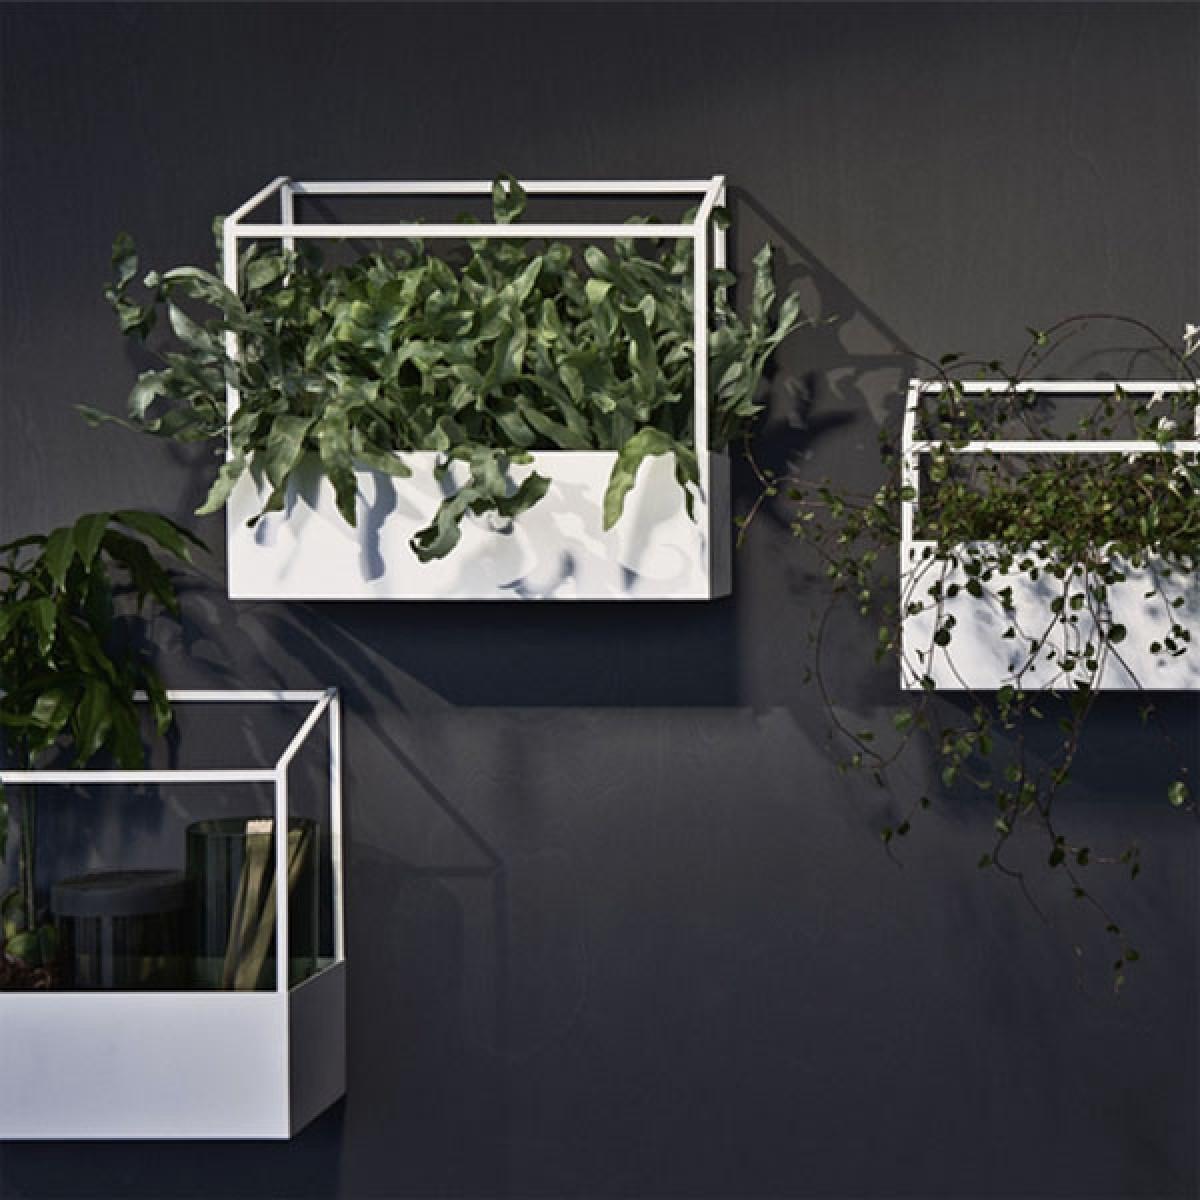 Studio Joa Herrenknecht GREENHOUSE - Pflanzen-/Kräuteraufbewahrung (groß/schwarz)